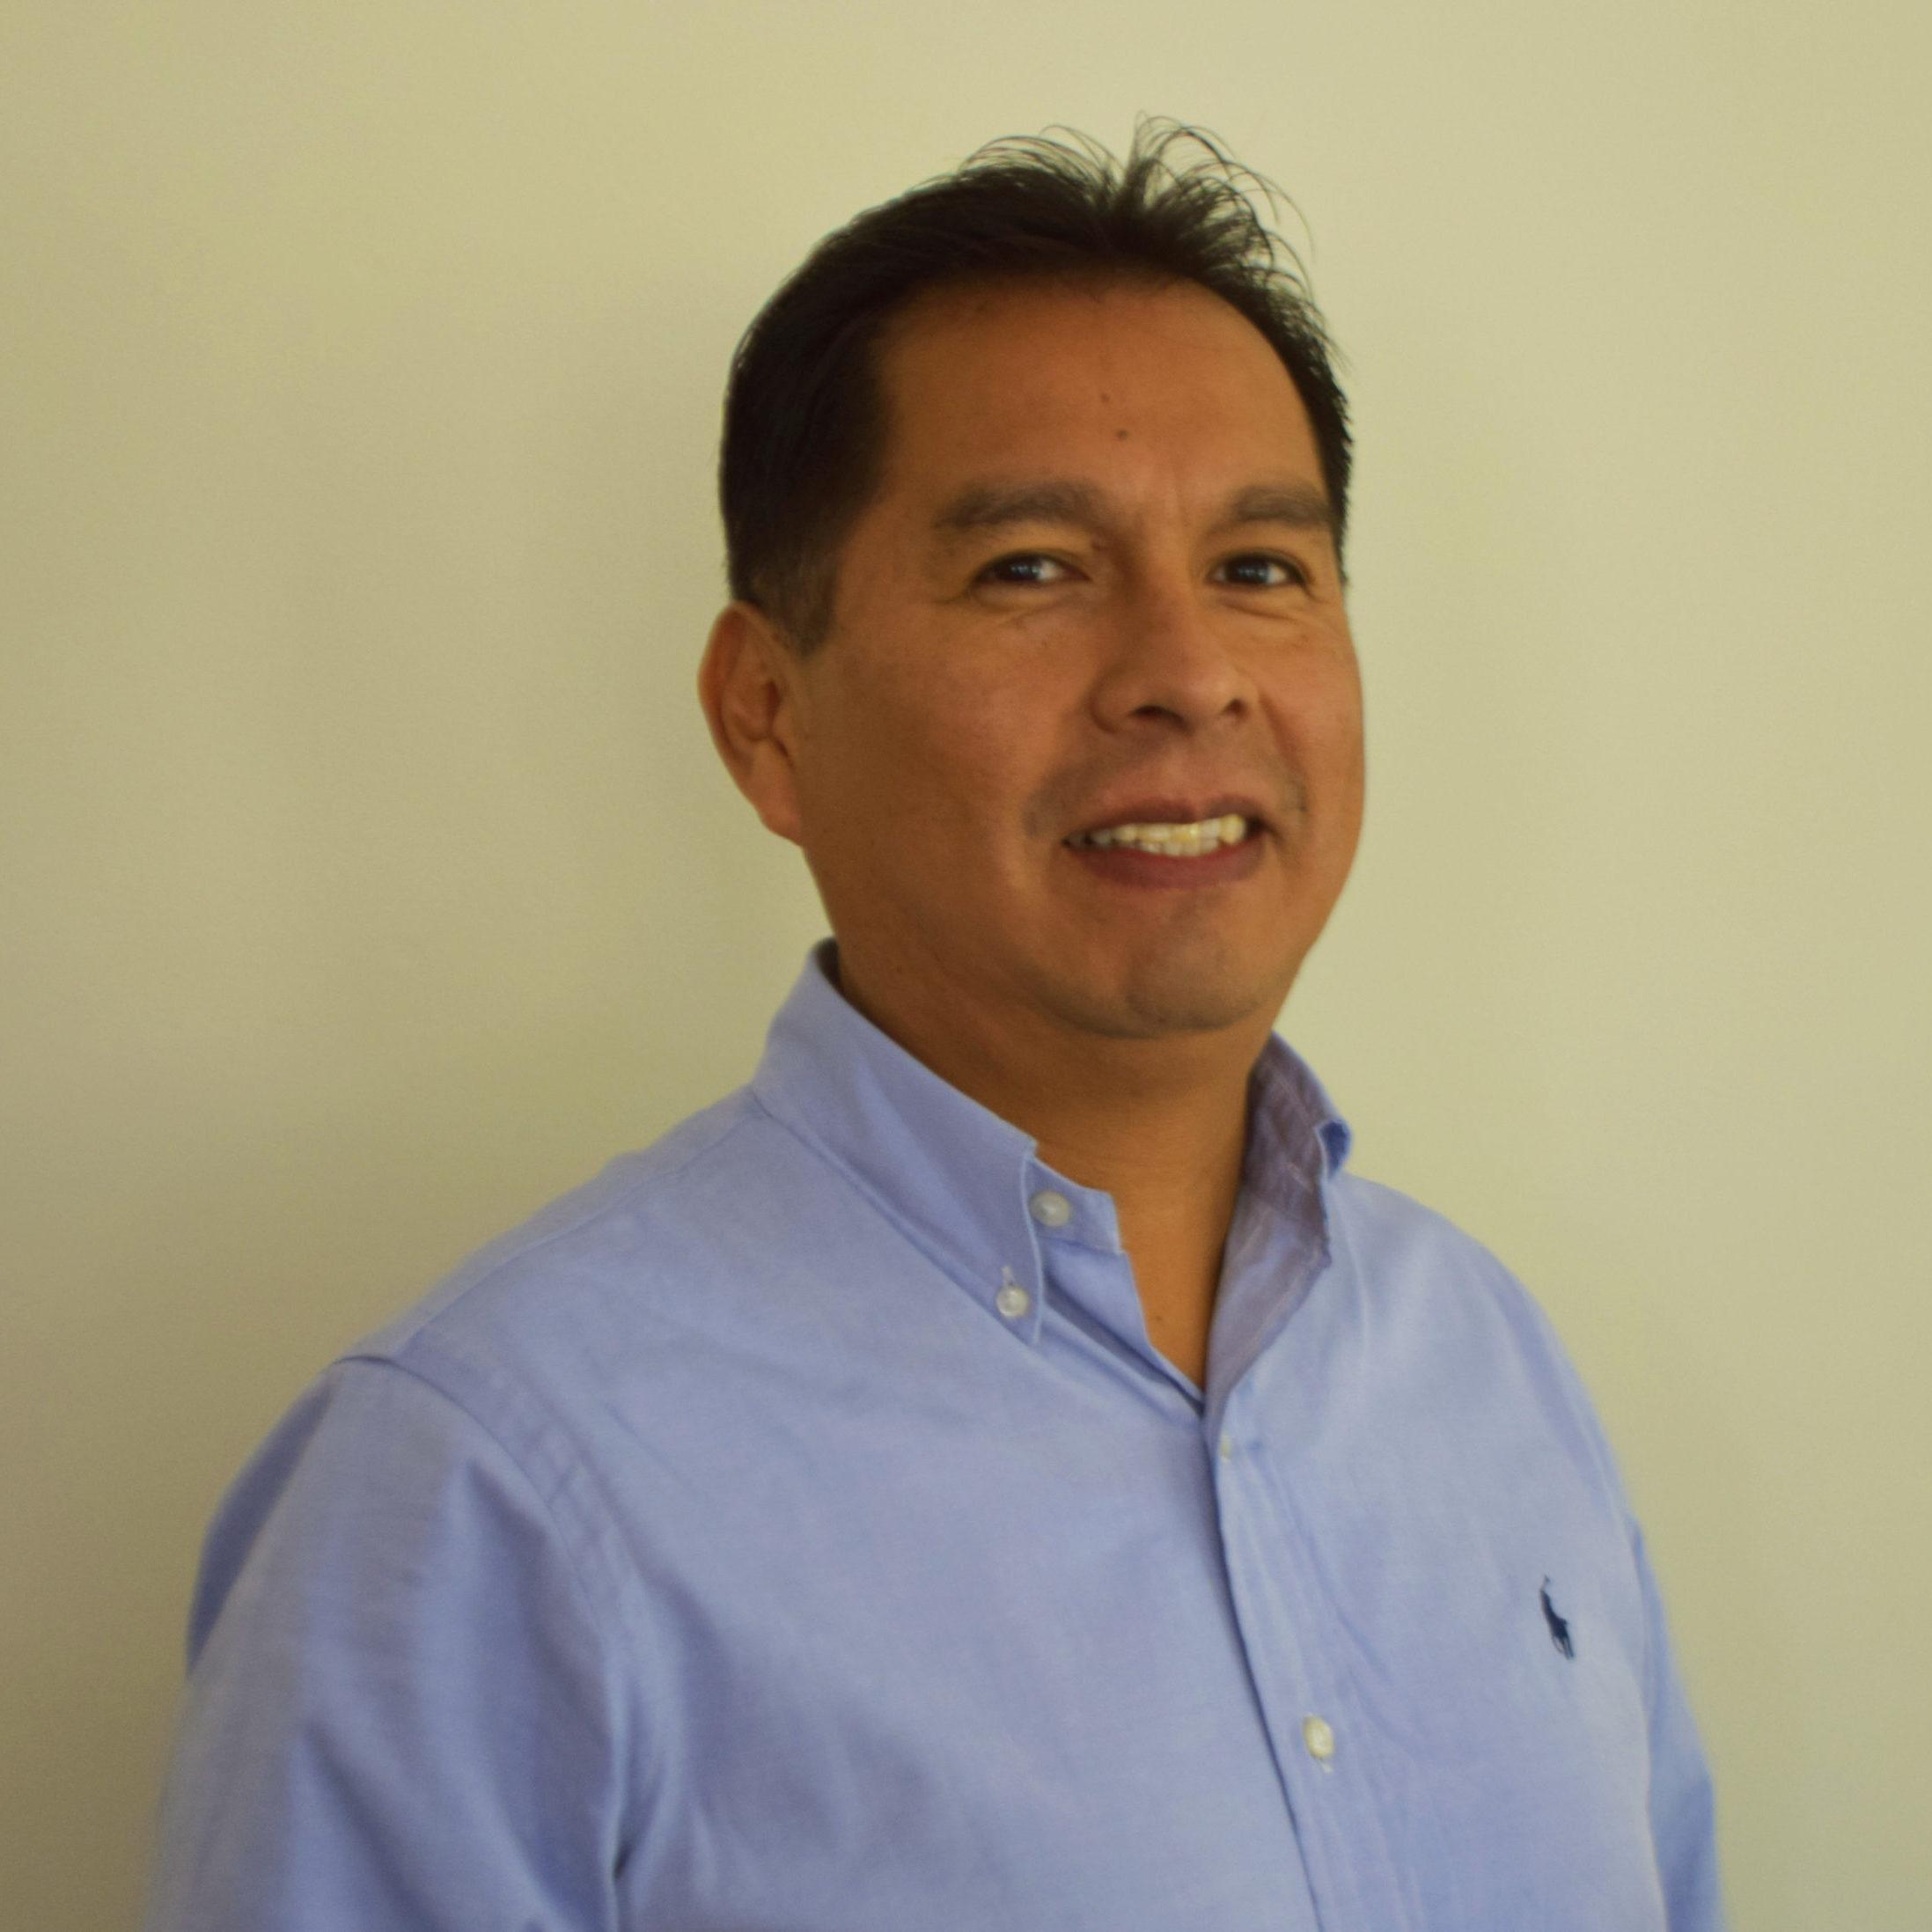 Antonio Silvestre